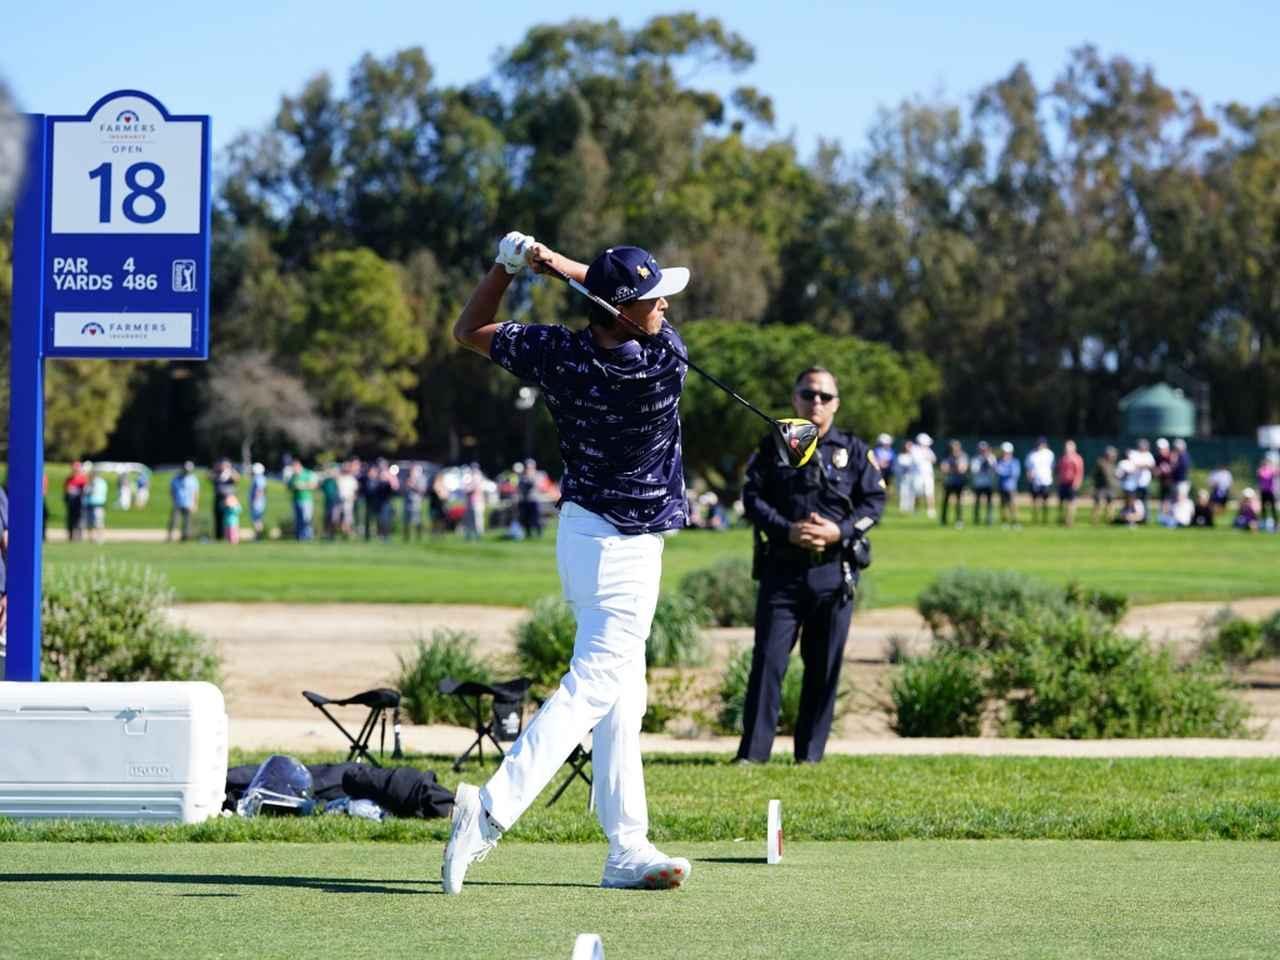 画像26: 【ギア研究】PGAツアートップ選手のレプリカドライバーを組んで打った。「運命のシャフトとヘッド」見つけ方